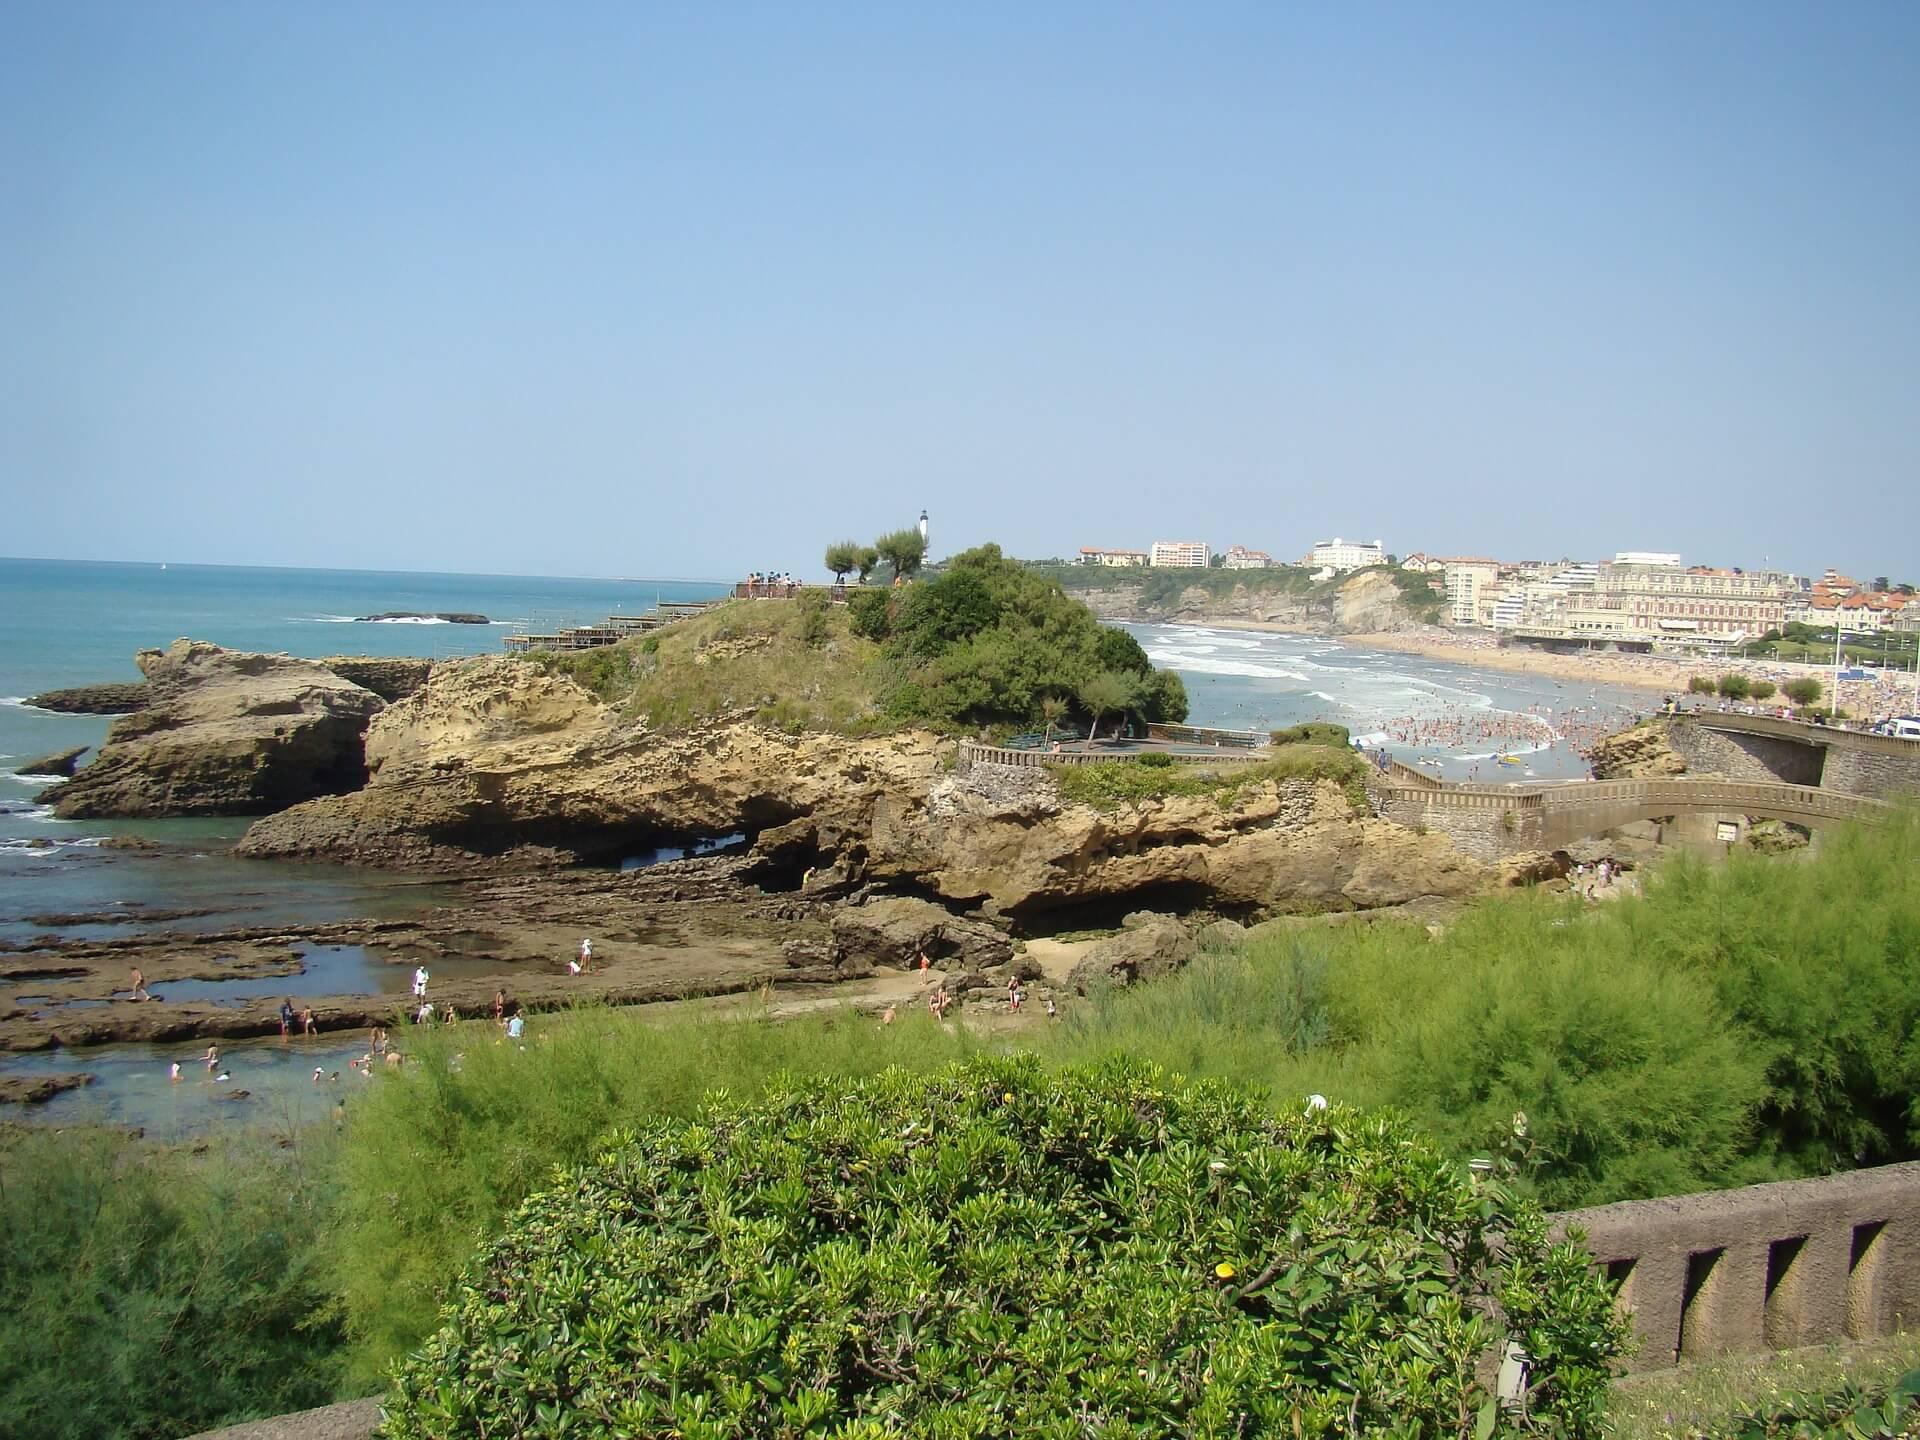 Direktflüge und Billigflüge nach Biarritz